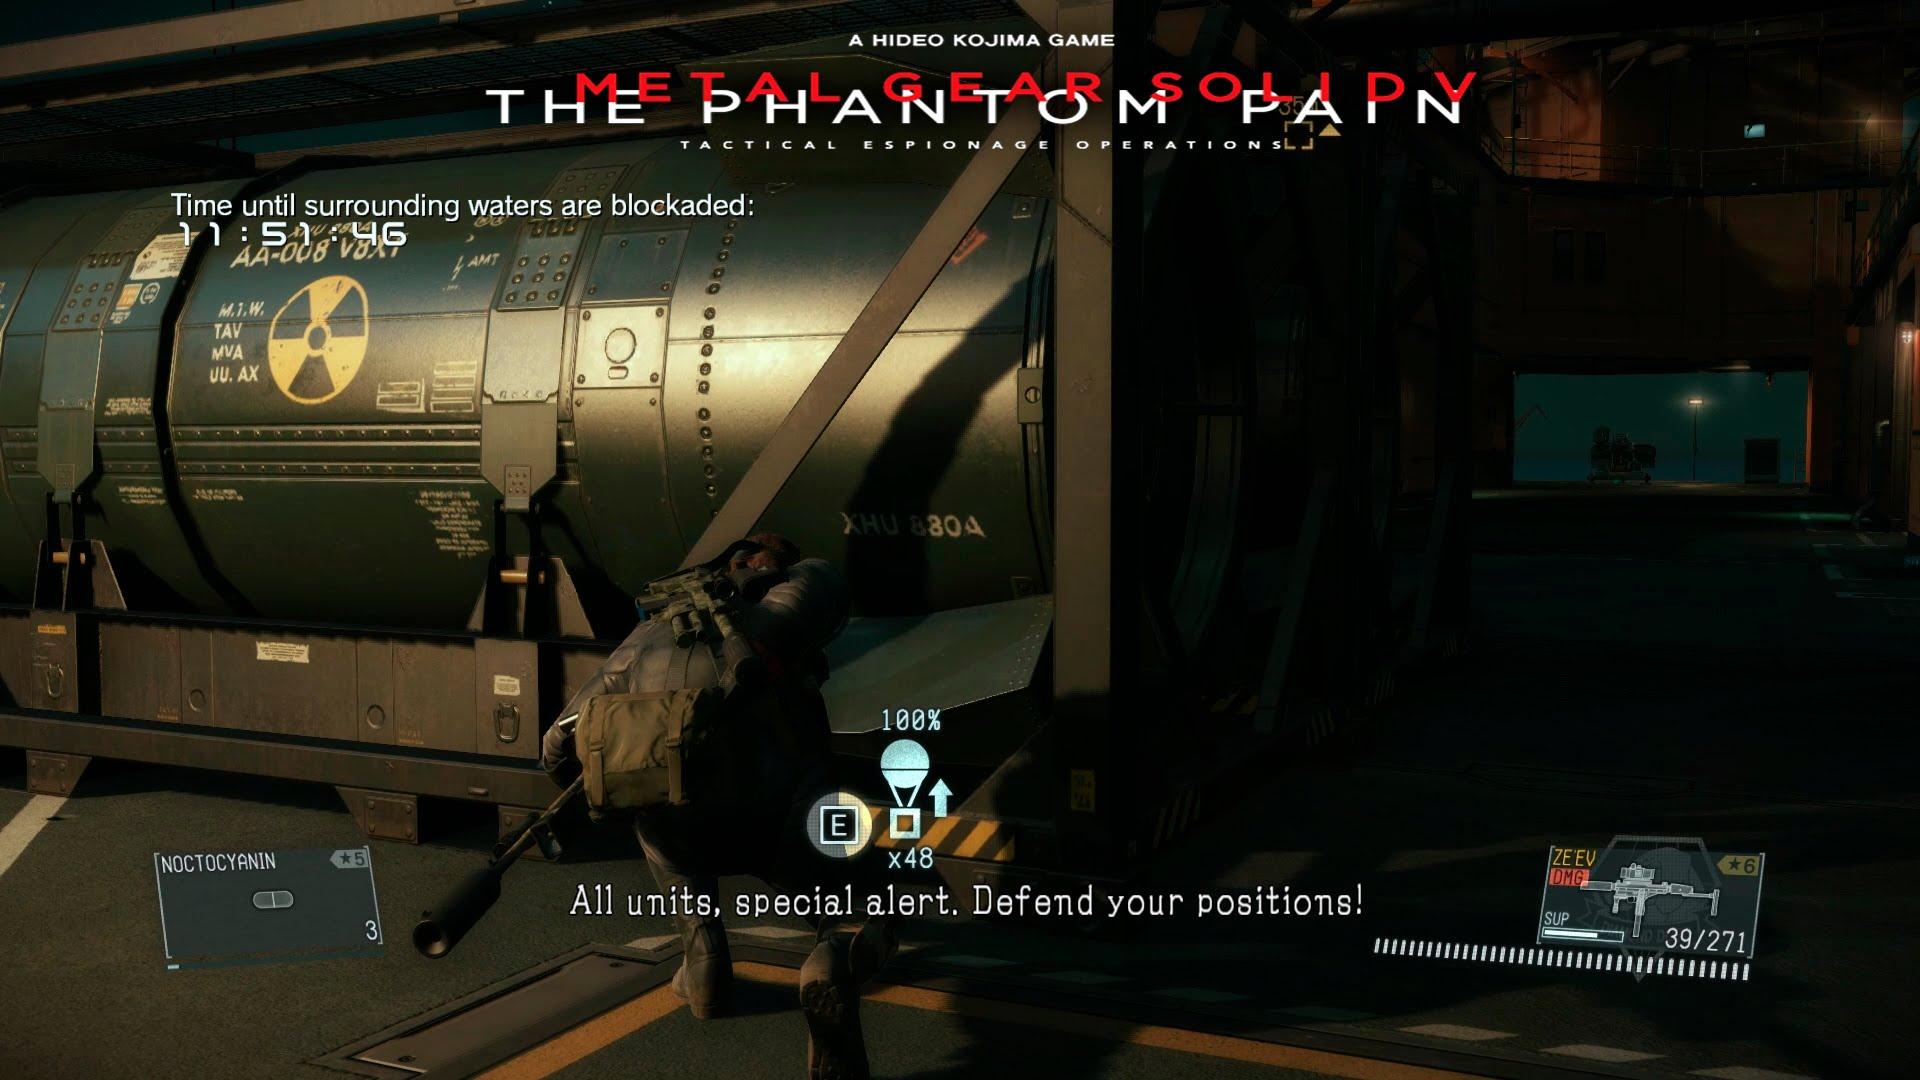 Metal Gear Solid V The Phantom Pain desarme nuclear nukes